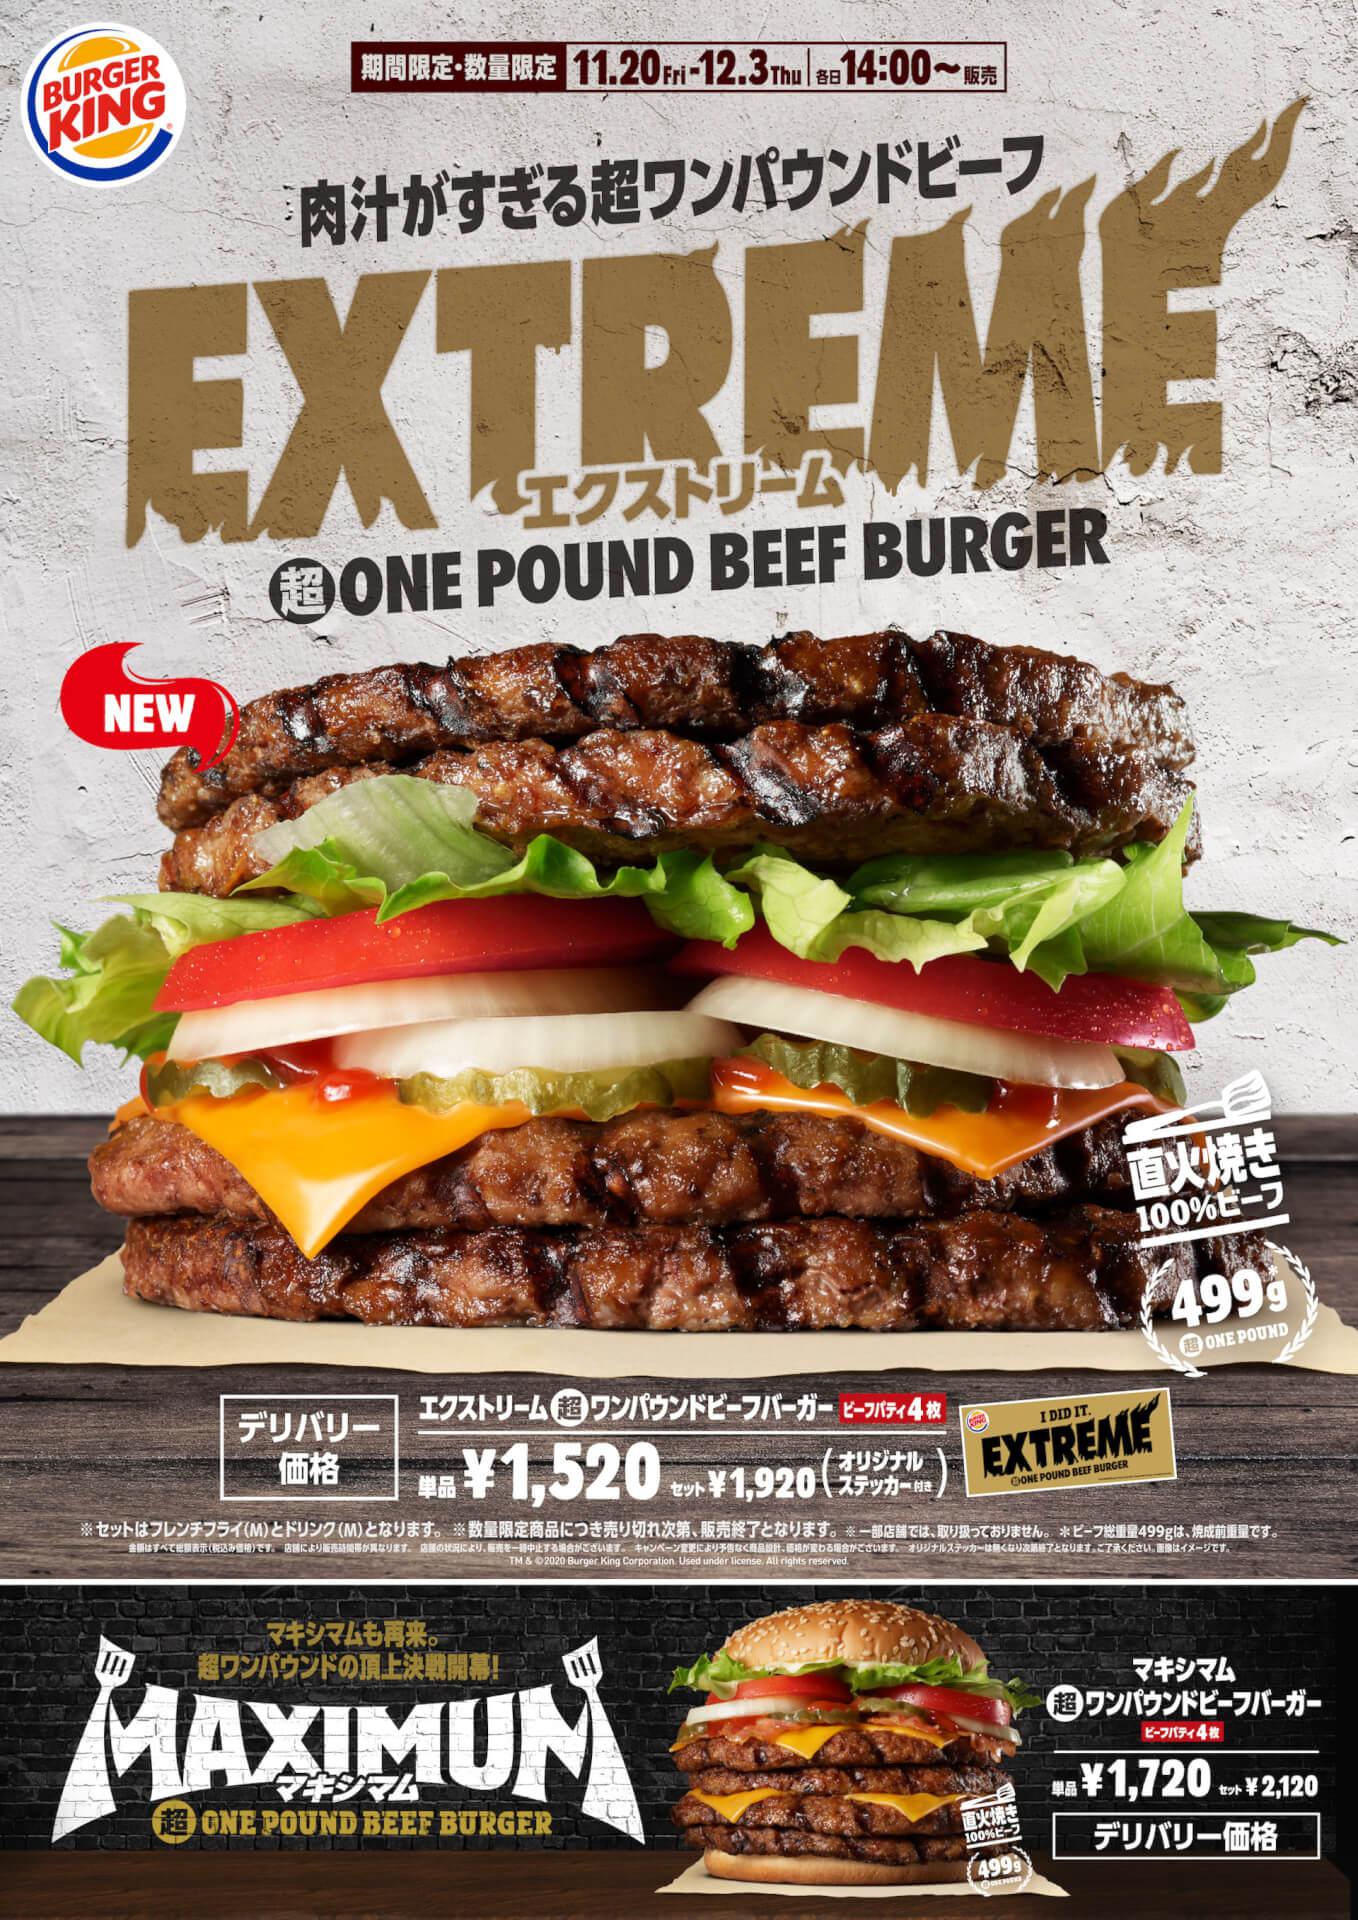 バーガーキングから初のバンズなしで肉づくしの『エクストリーム超ワンパウンドビーフバーガー』が新登場! gourmet201119_burgerking_7